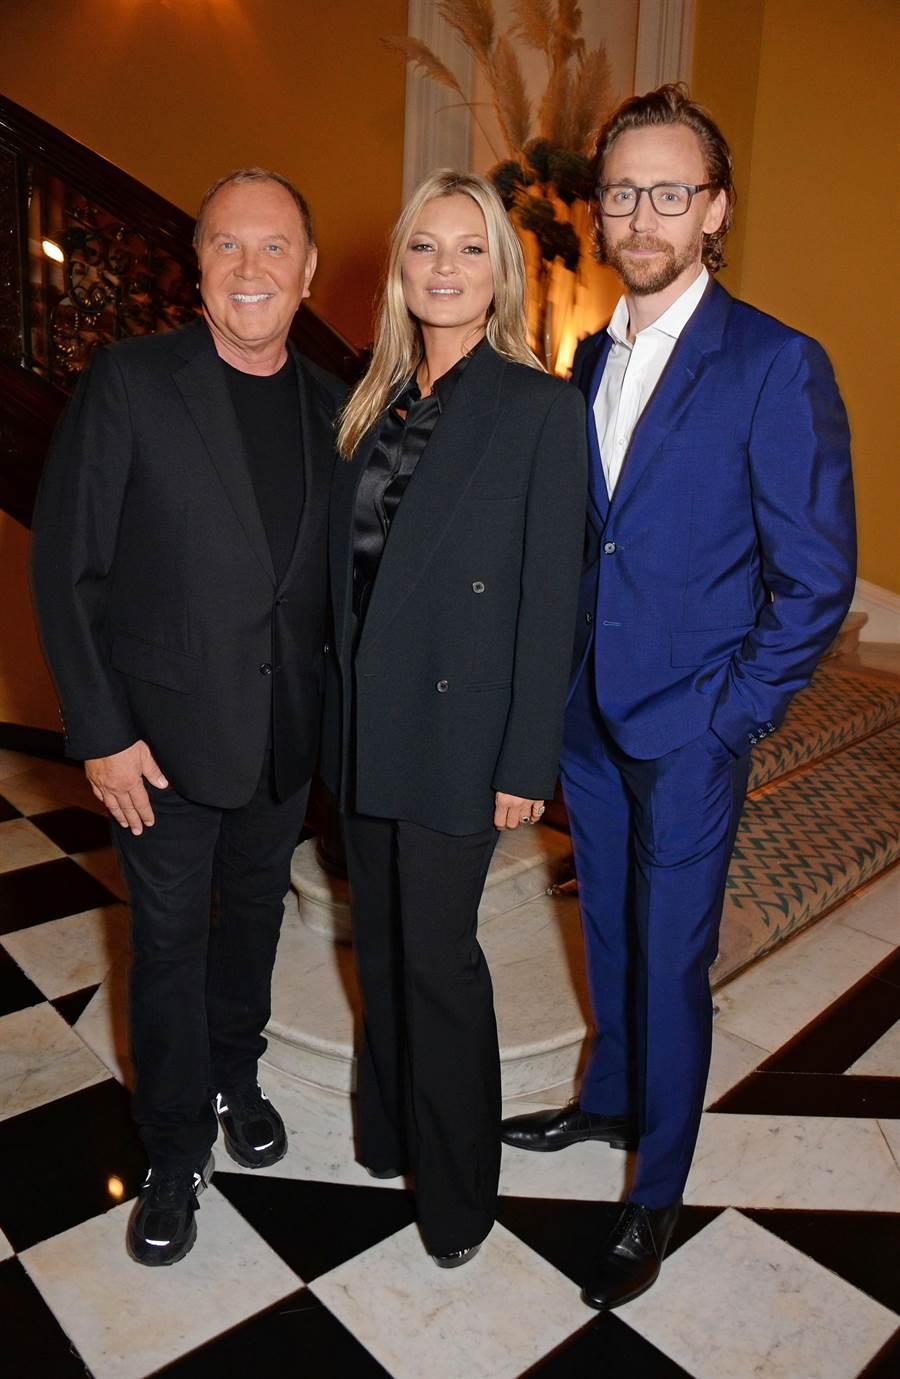 設計師Michael Kors 和超模Kate Moss, 英國演員Tom Hiddleston 出席MK晚宴活動